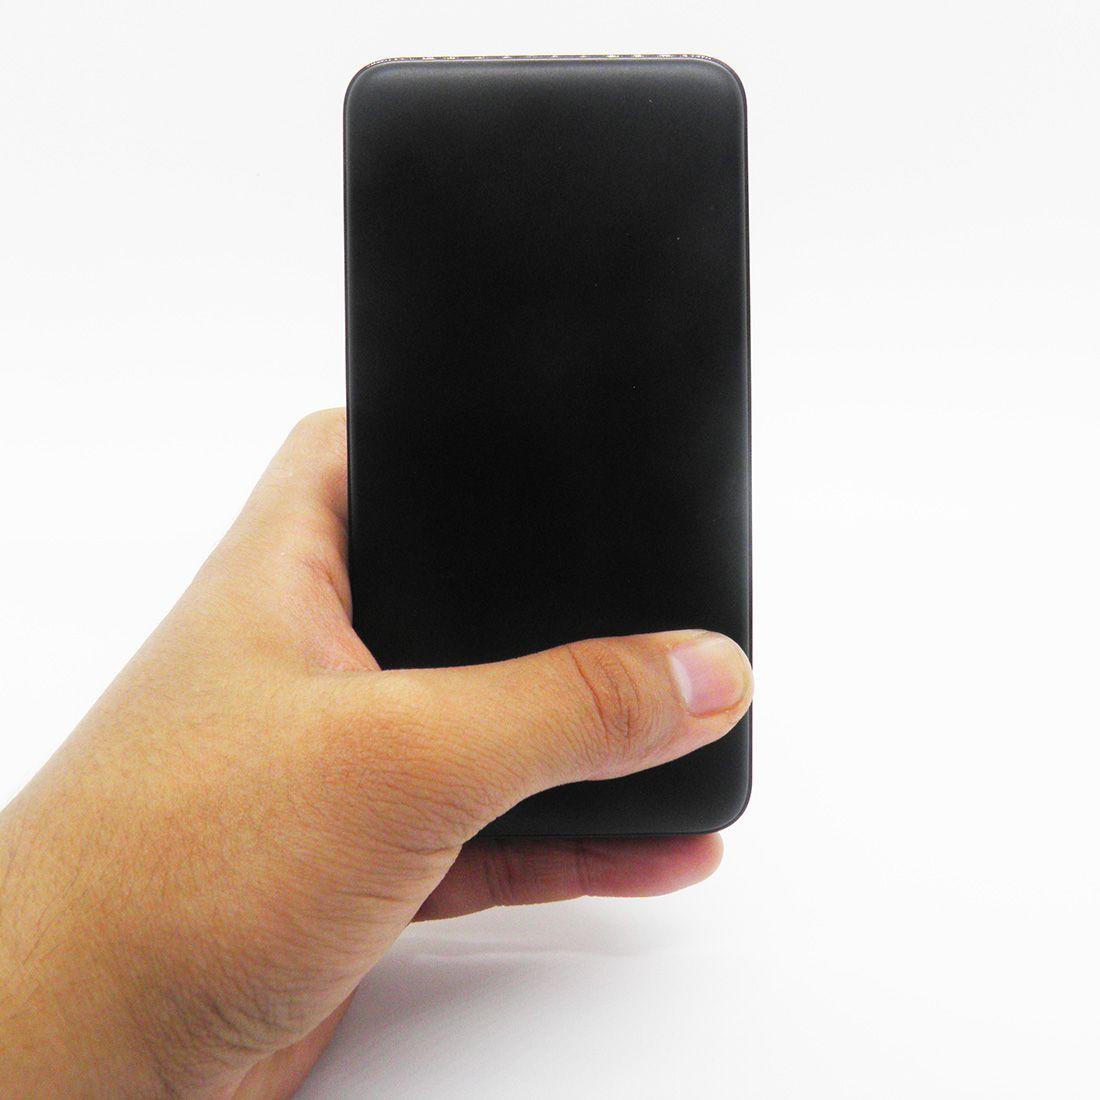 Carregador Portatil 20000 mah Usb Micro USB Tipo C Bateria Celular Preto